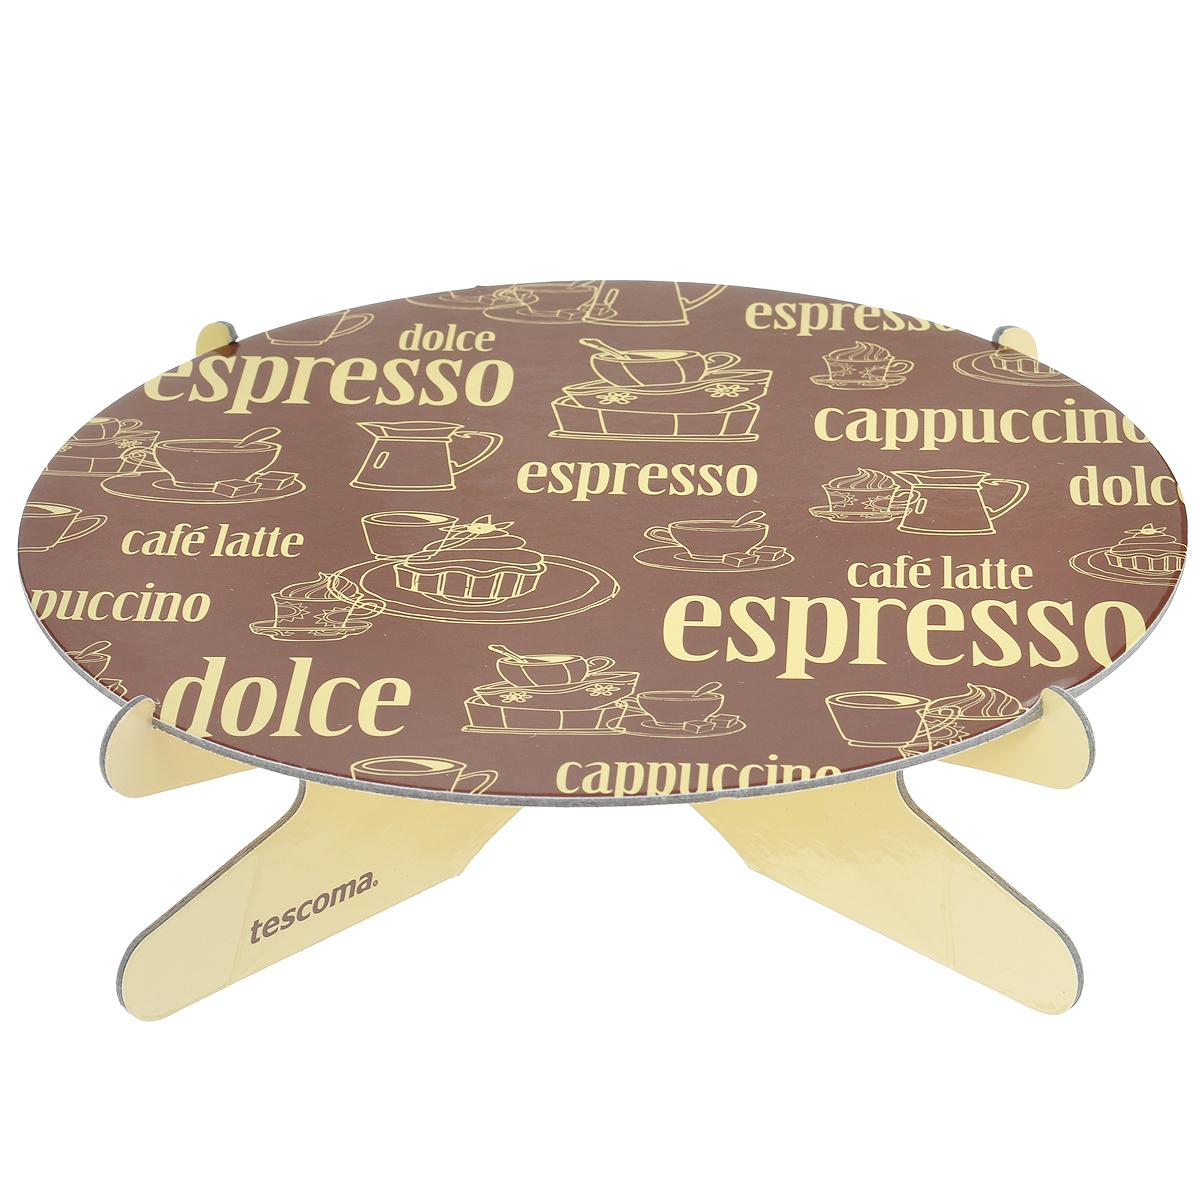 Подставка для торта Tescoma Delicia. Кофе, диаметр 28,5 см115510Подставка для торта Tescoma Delicia. Кофе идеально подходит для стильной сервировки тортов и десертов. Изготовлена из очень толстого картона, обработанного пластичной смазкой, что сохранит его от влажности. Двухсторонняя печать с красивым рисунком в виде кофейников и чашечек с кофе придает изделию изысканный внешний вид. Подставка оснащена специальным стендом-ножками, он очень прочный и устойчивый, легко собирается. Подставку можно использовать повторно. Промойте под проточной водой и протрите сухой тканью. Диаметр подставки: 28,5 см.